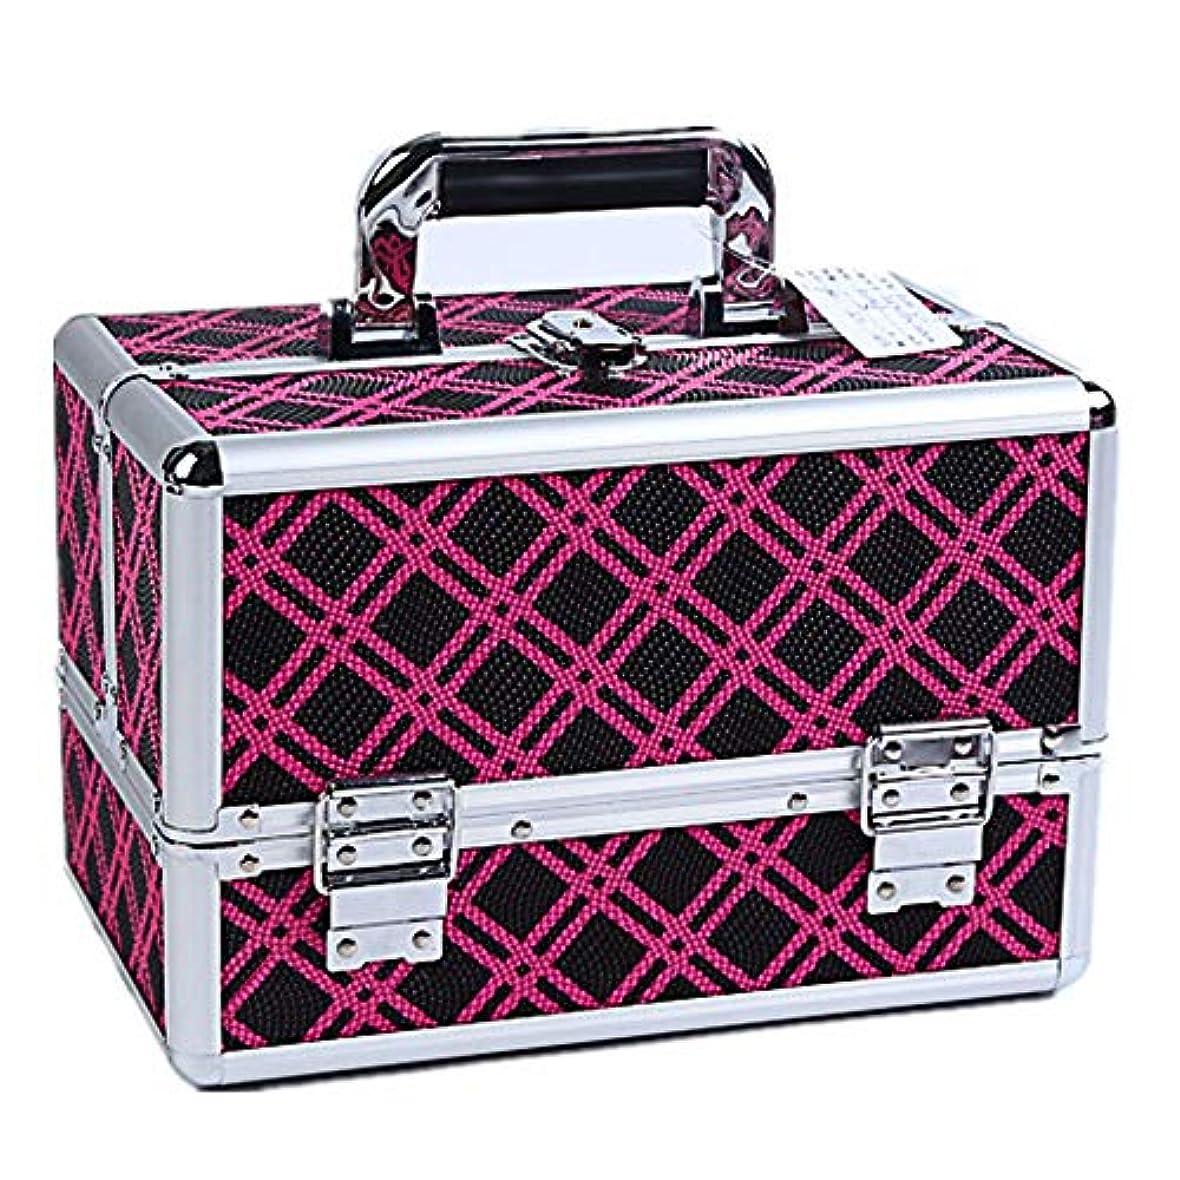 ブートマリン汚染する化粧オーガナイザーバッグ 美容メイクアップと女の子の女性のための大容量ポータブル化粧ケースケースと拡張トレイ付きロック付き日々のストレージ 化粧品ケース